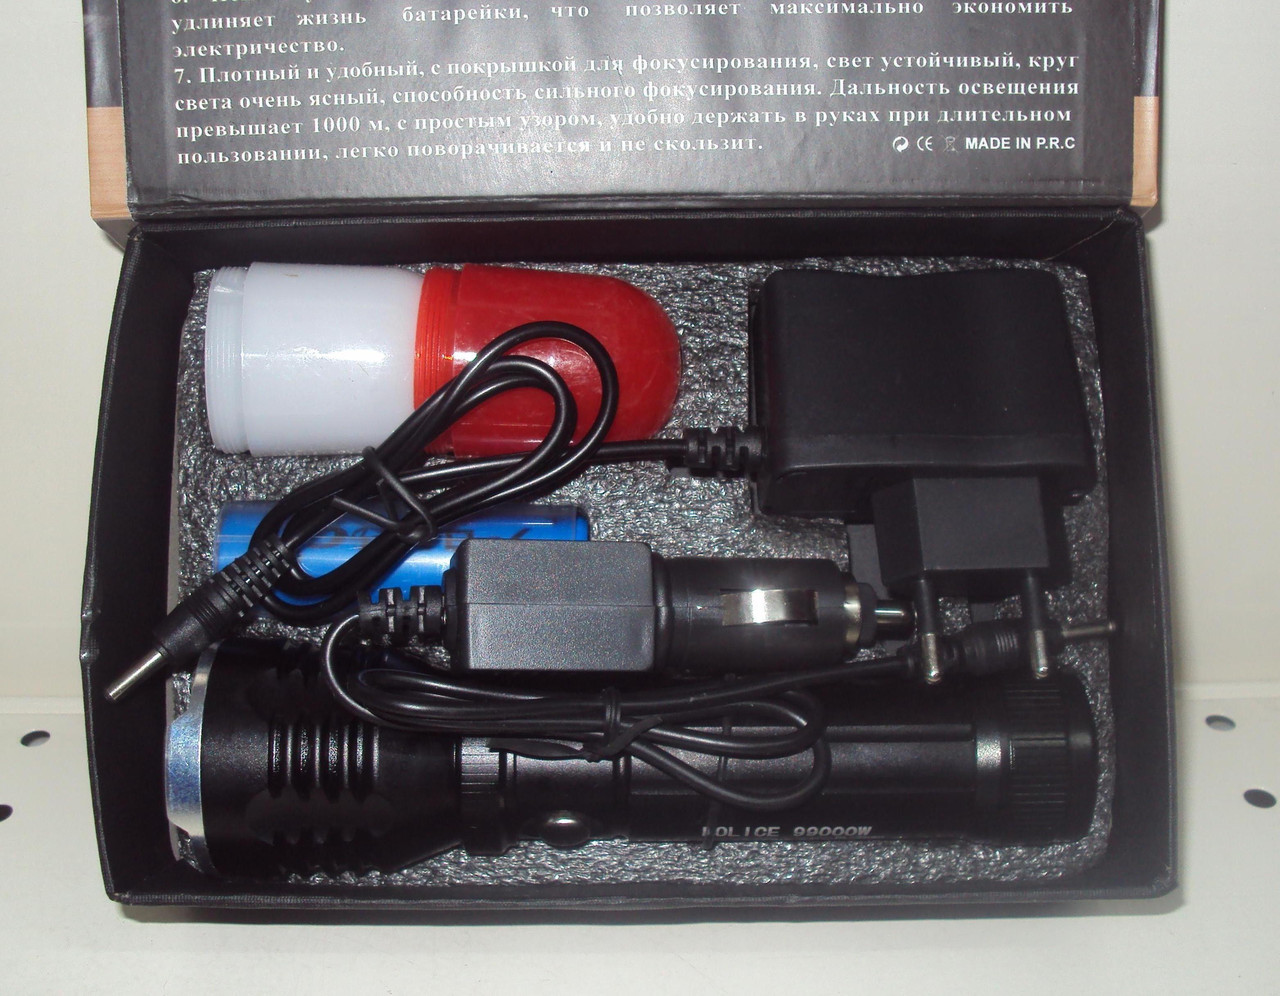 Фонарик тактический  POLICE  BL TS60-901 99000W две зарядки две диффузные  насадки магнит акб цвет серебро 4